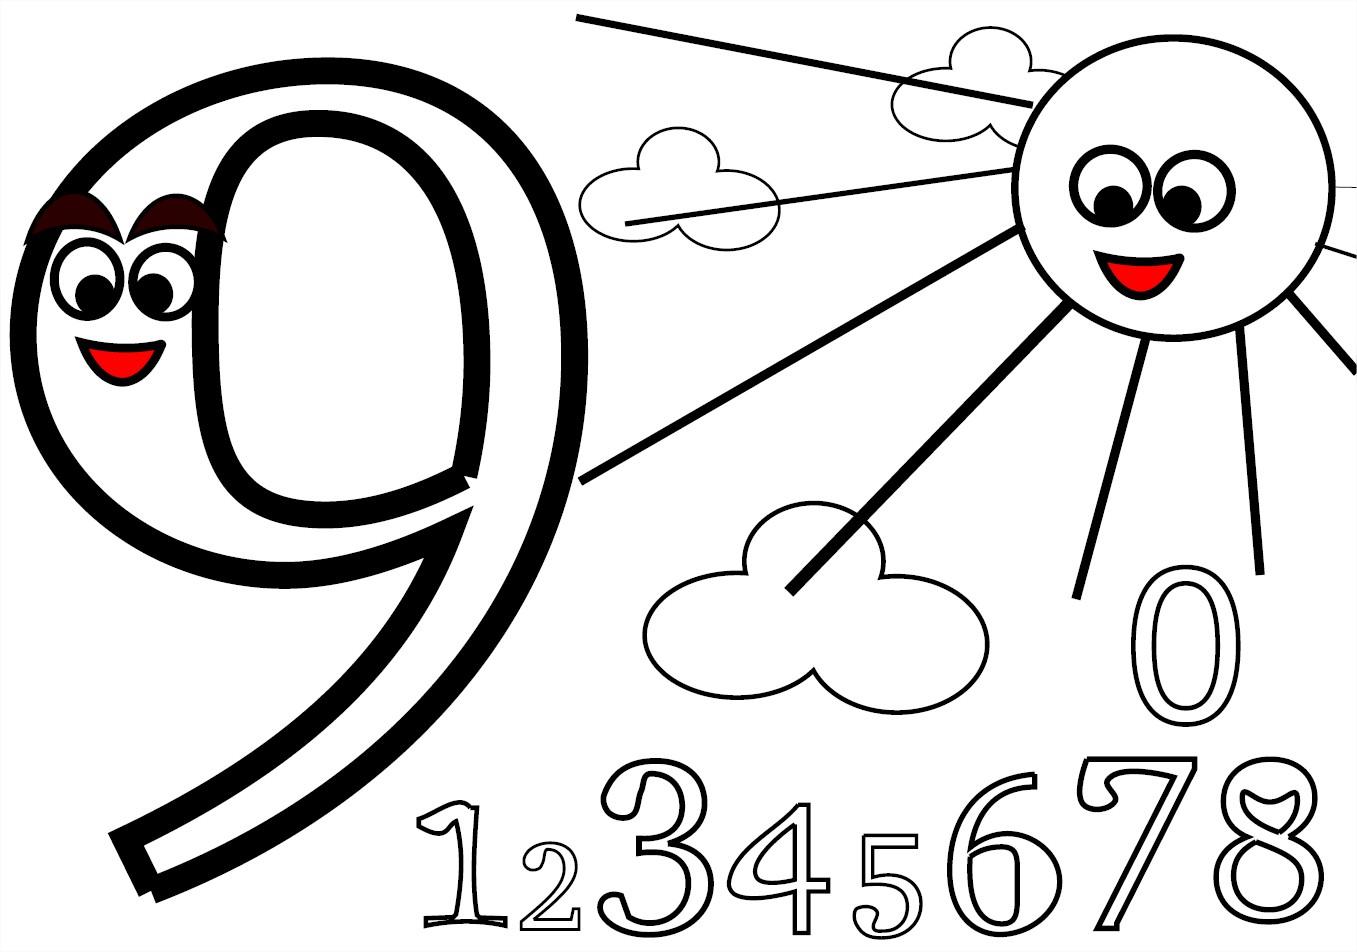 Coloriage des chiffres de 1 9 gratuit imprimer et - Chiffre a imprimer gratuit ...